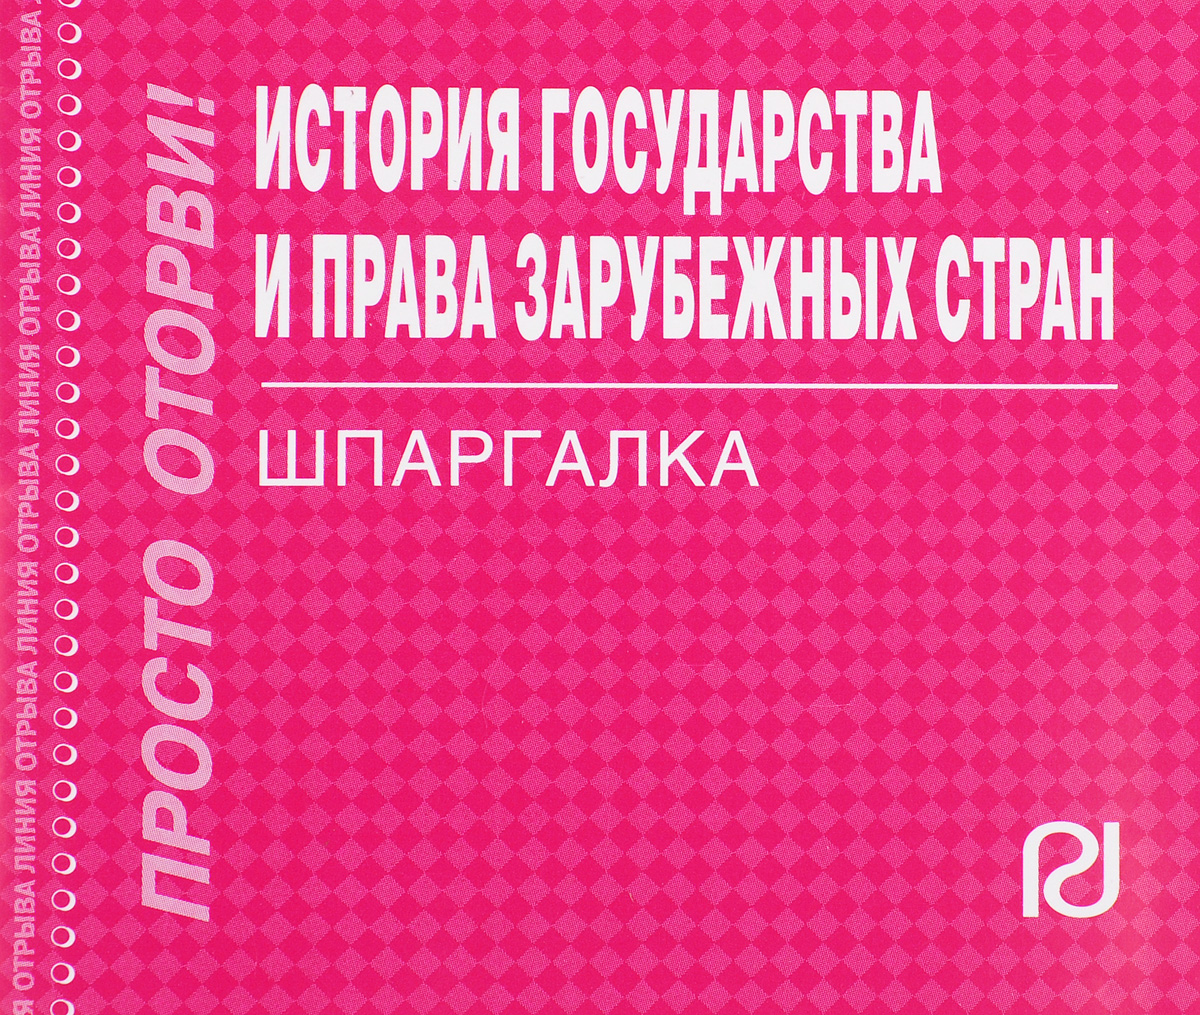 История государства и права зарубежных стран. Шпаргалка шпаргалка по истории государства и права россии isbn 9785437402283